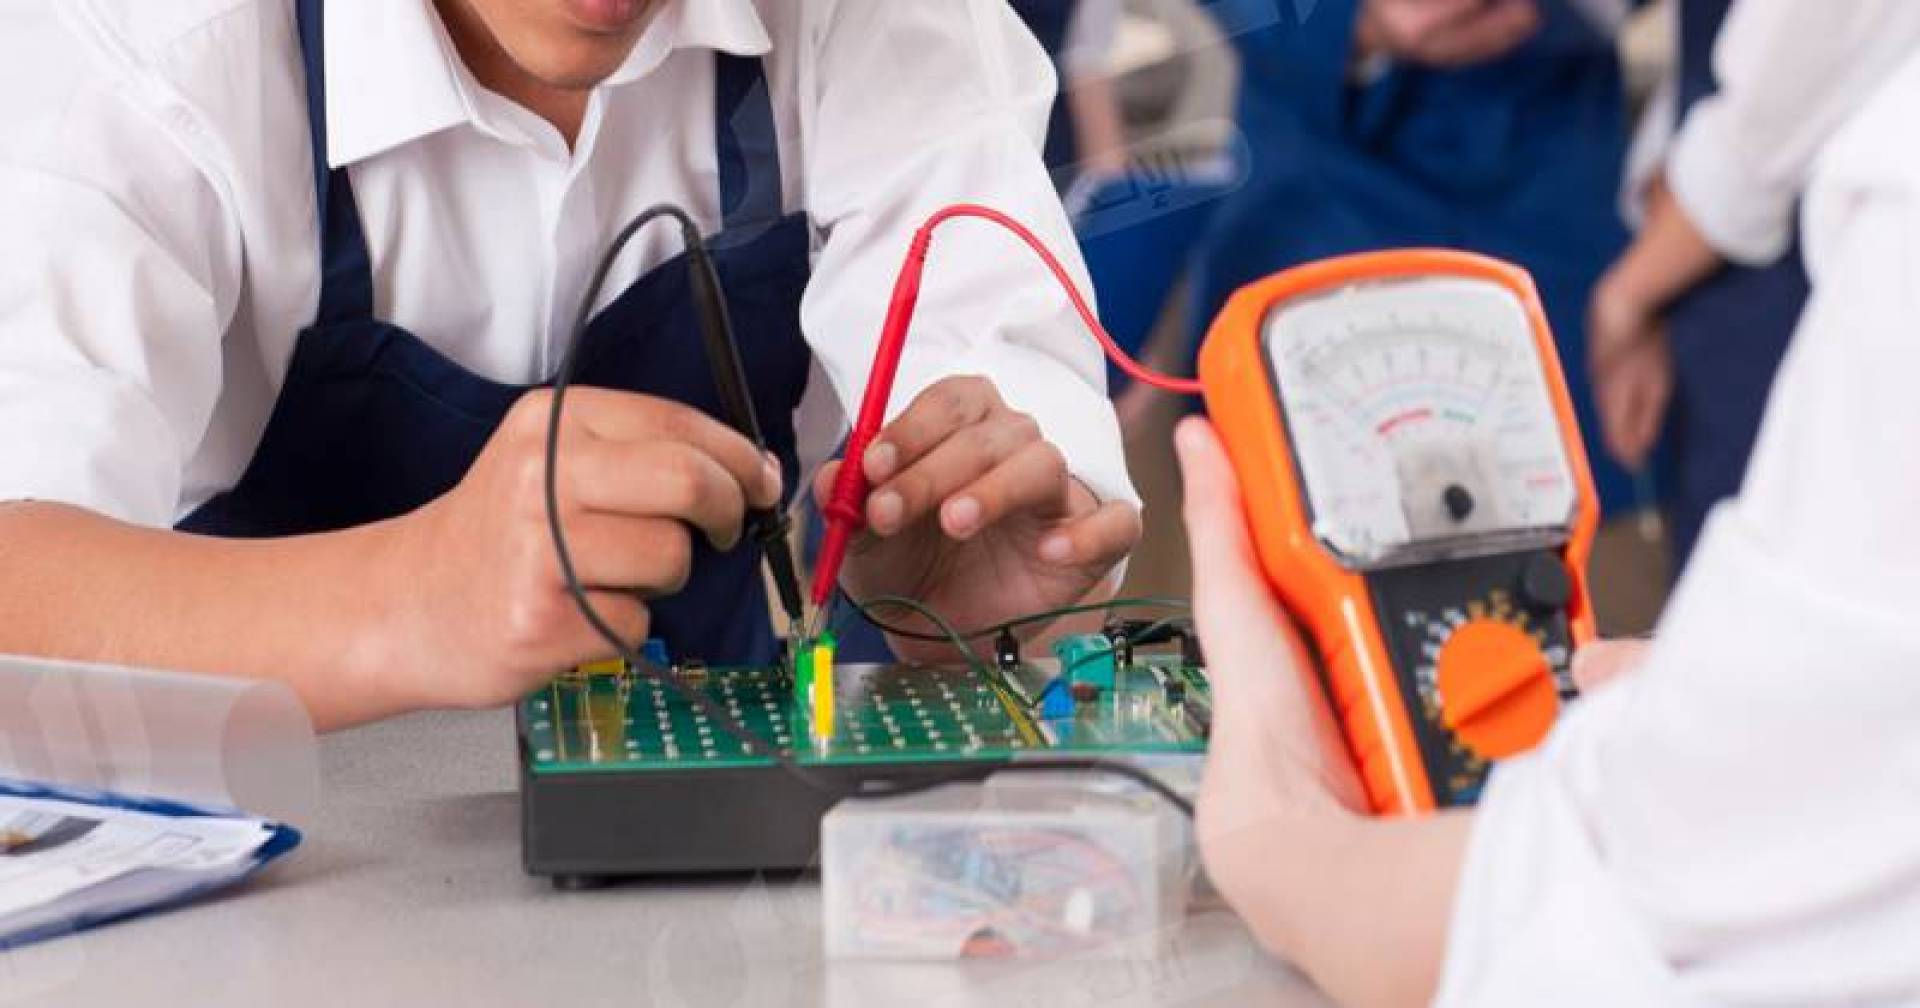 تعليم تقني وصناعي وتجاري في الثانويات.. قريباً